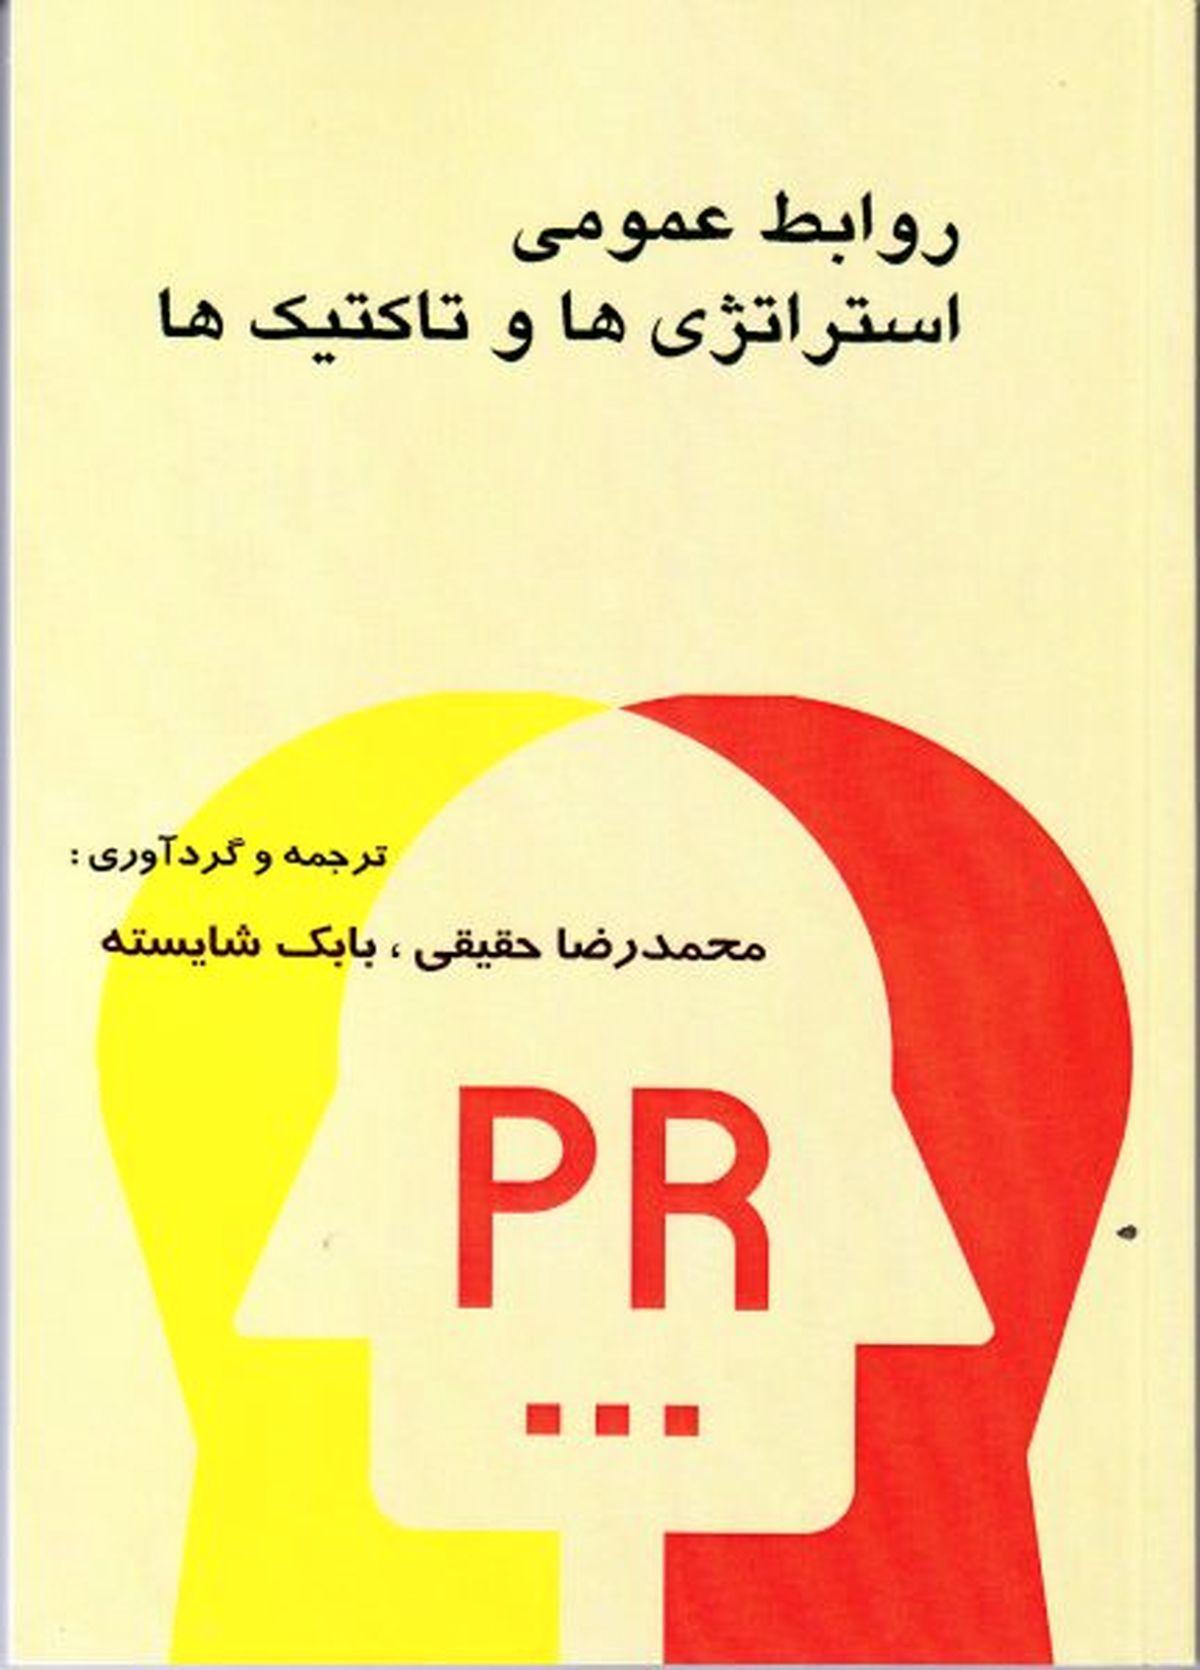 کتاب روابط عمومی استراتژی ها و تاکتیکها منتشر شد